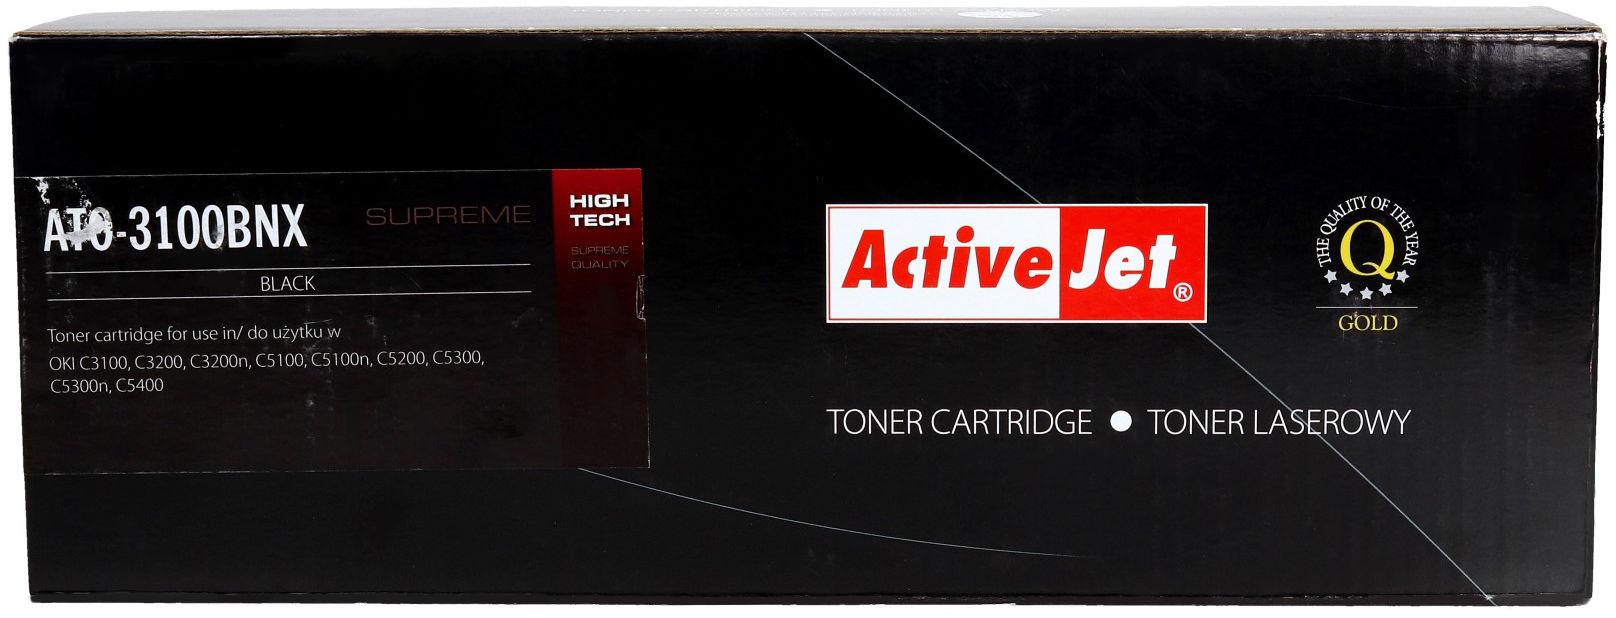 Toner Oki C3100/3200 czarny 8k ActiveJet ATO-3100BNX